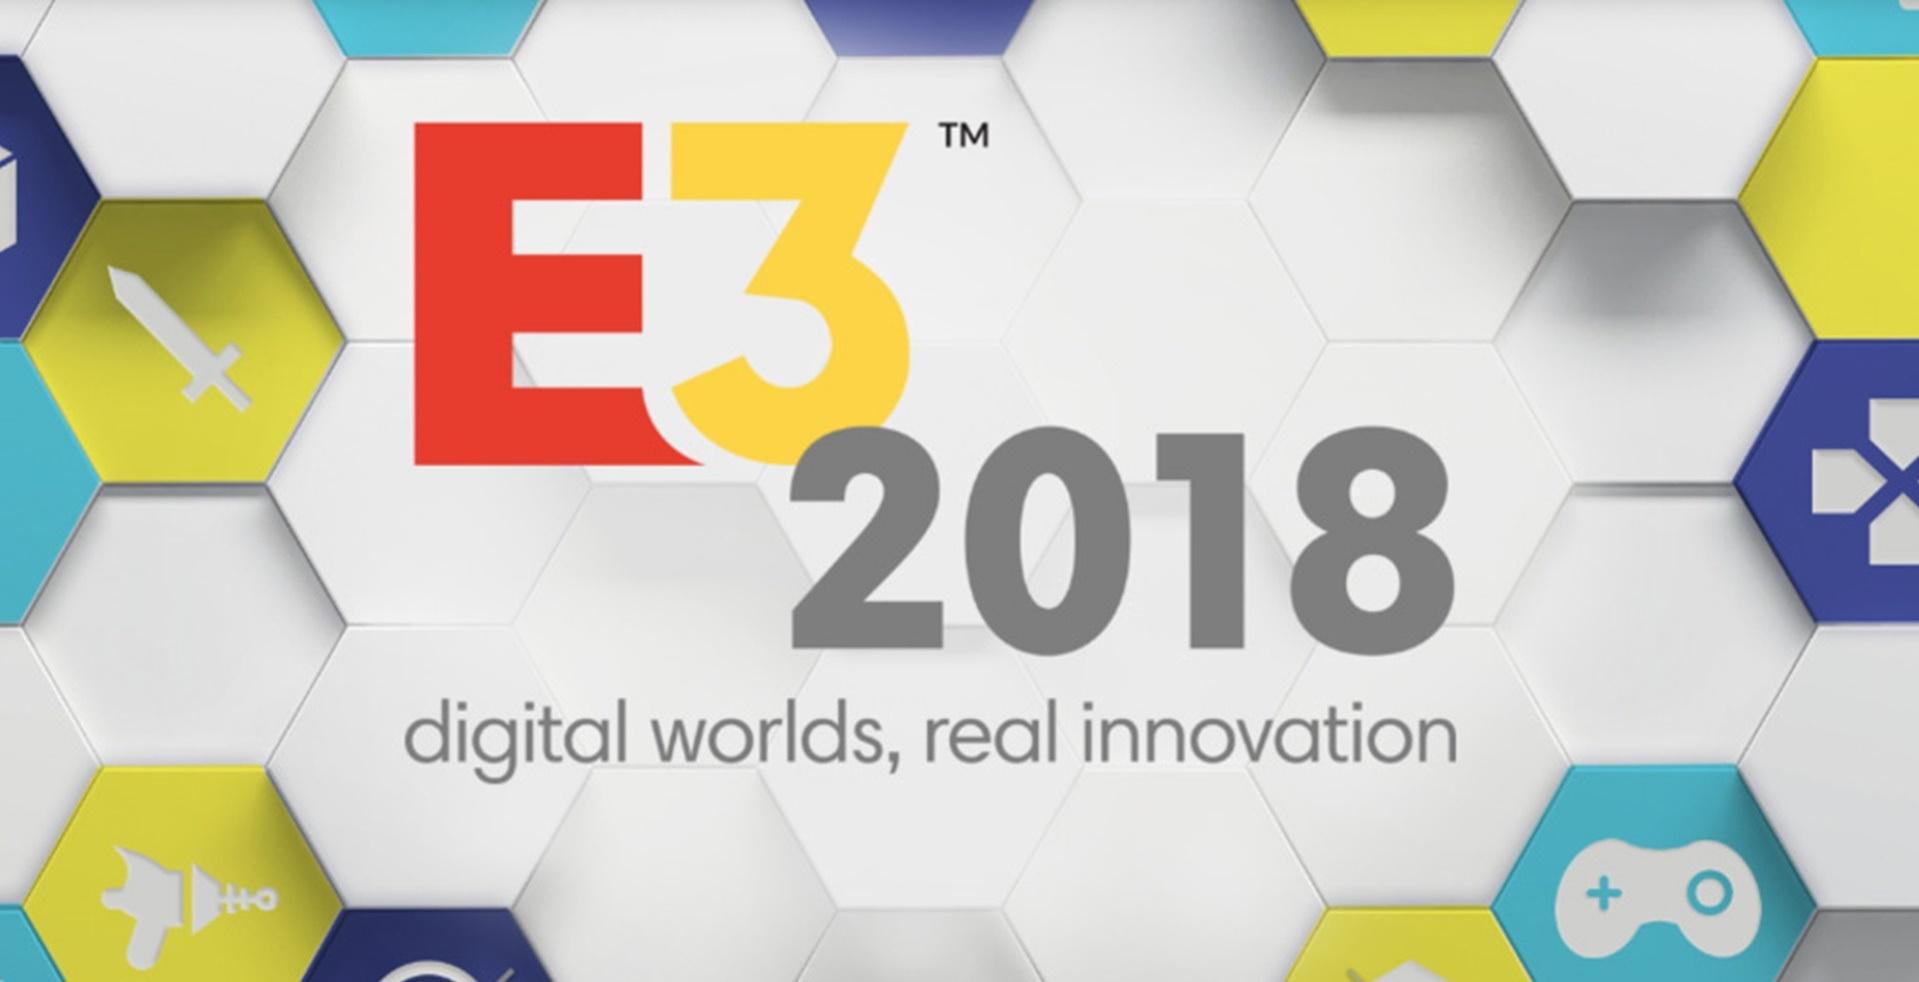 A melhor conferência E3 de 2018 – Opinião